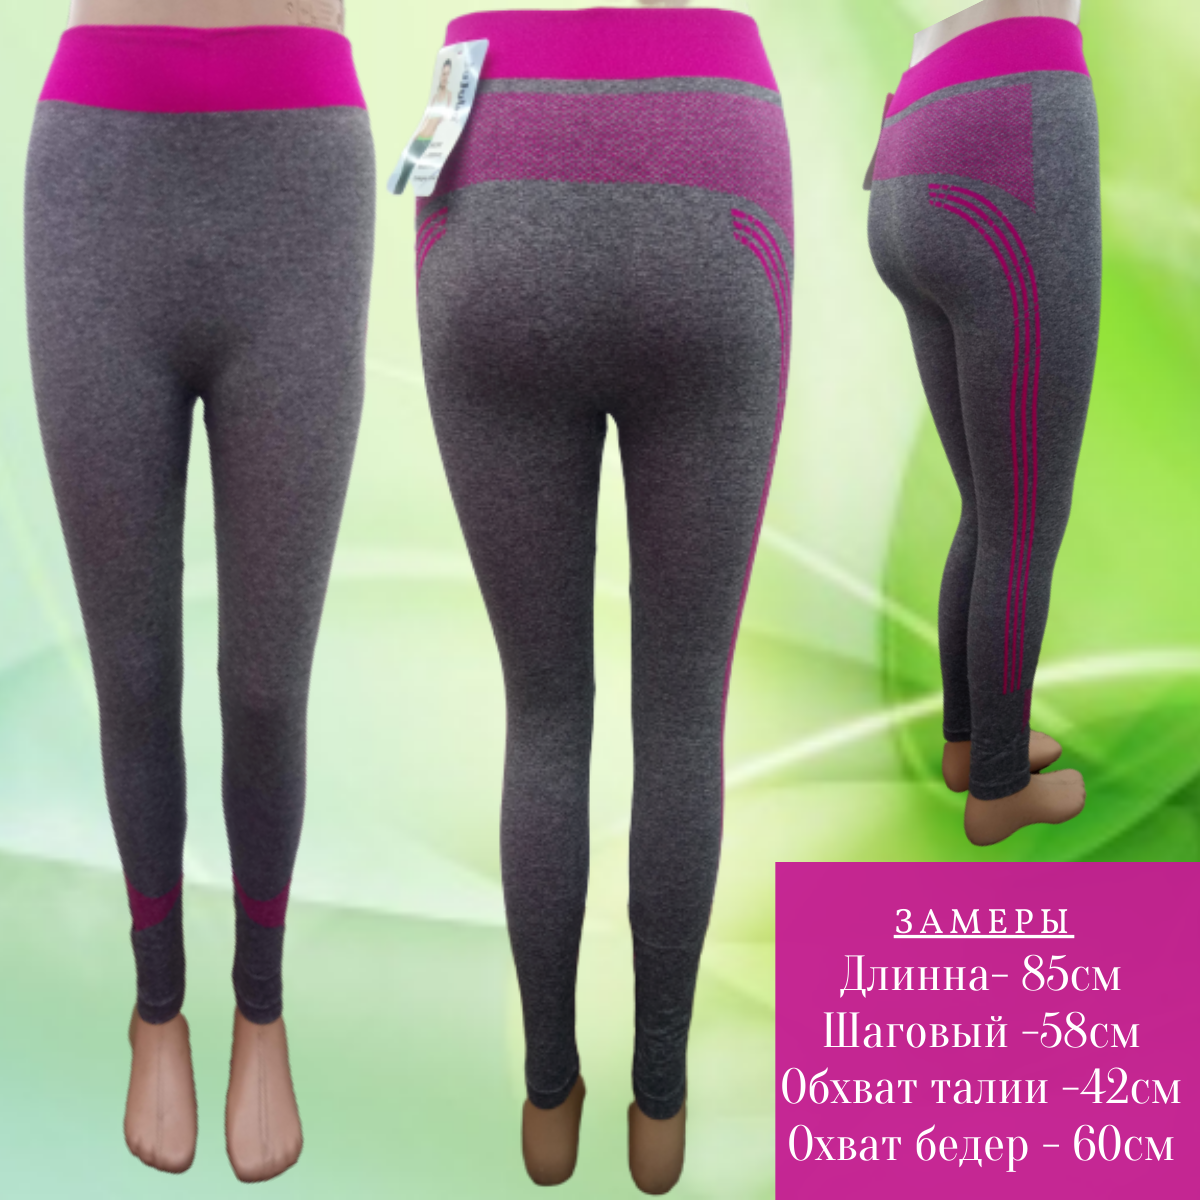 Спортивные фитнес лосины женские Jujube B 829S резинка малиновая высокоэластичные,20010720